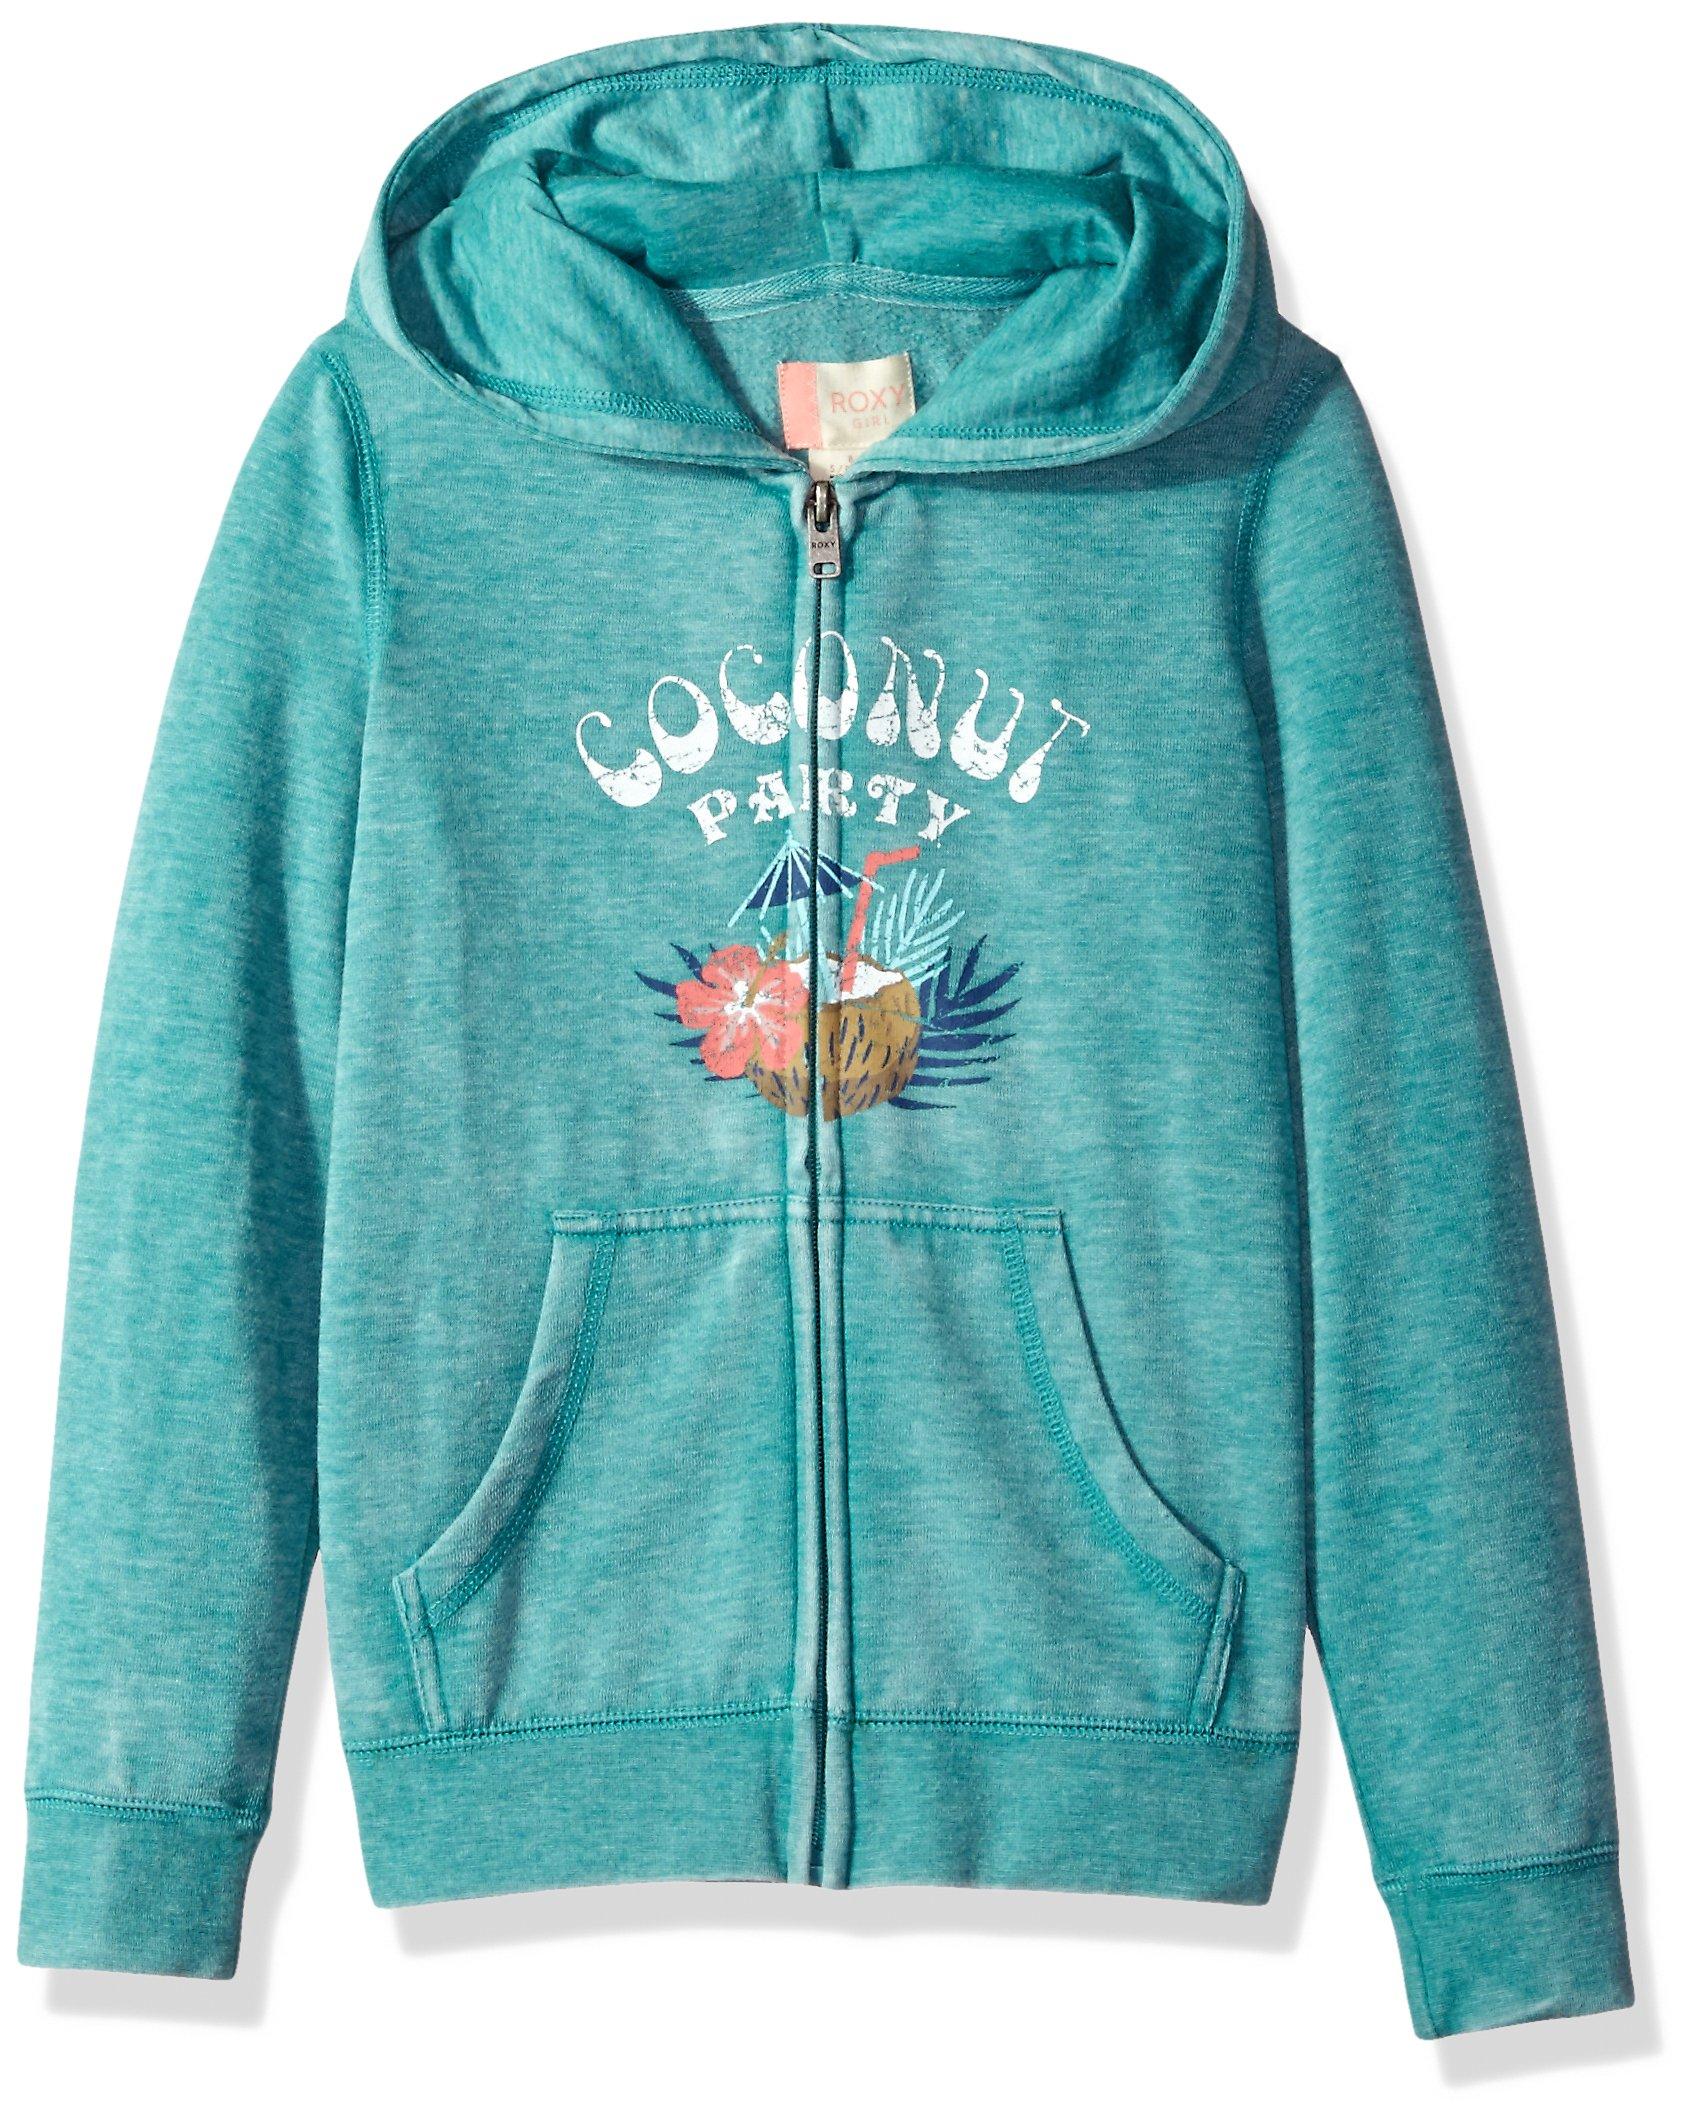 Roxy Big Girls' Fashion Fleece Sweatshirt, Latigo Bay, 8/S